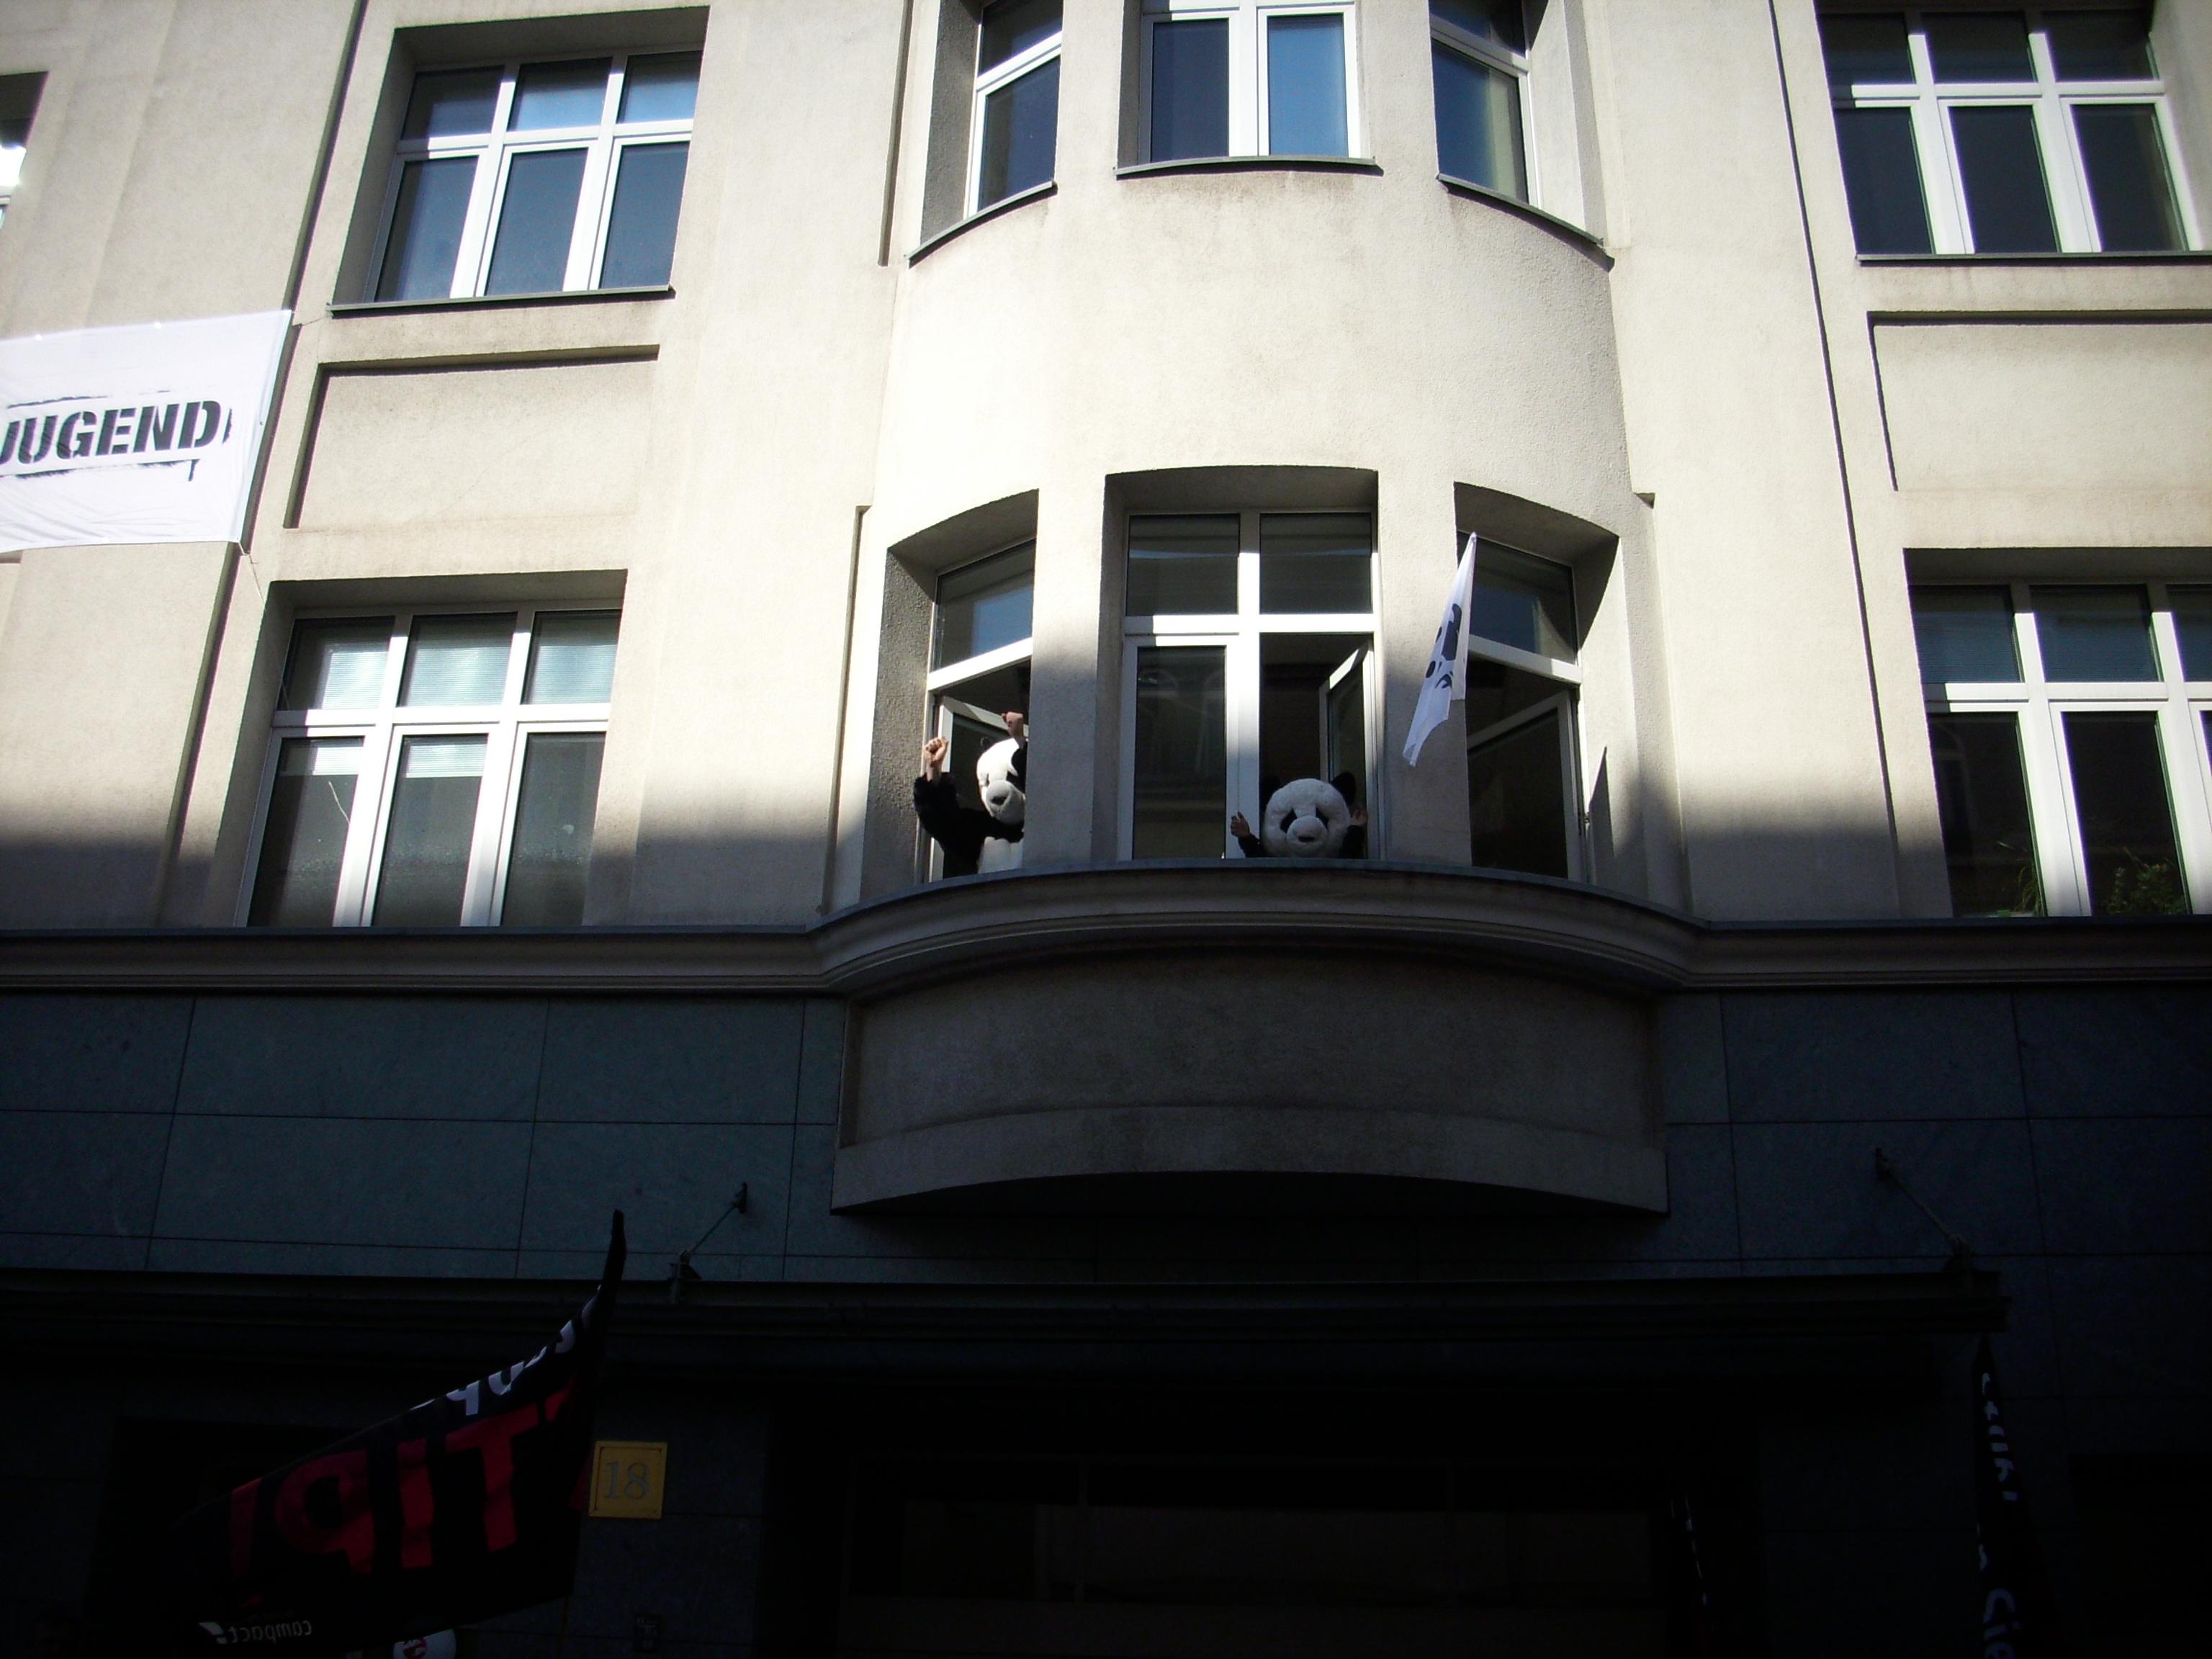 Foto: TTIP-Demo-Berlin-2015-WWF-Panda | skynetblog.de Dieses Werk ist lizenziert unter einer Creative Commons Namensnennung - Nicht-kommerziell - Weitergabe unter gleichen Bedingungen 4.0 International Lizenz.